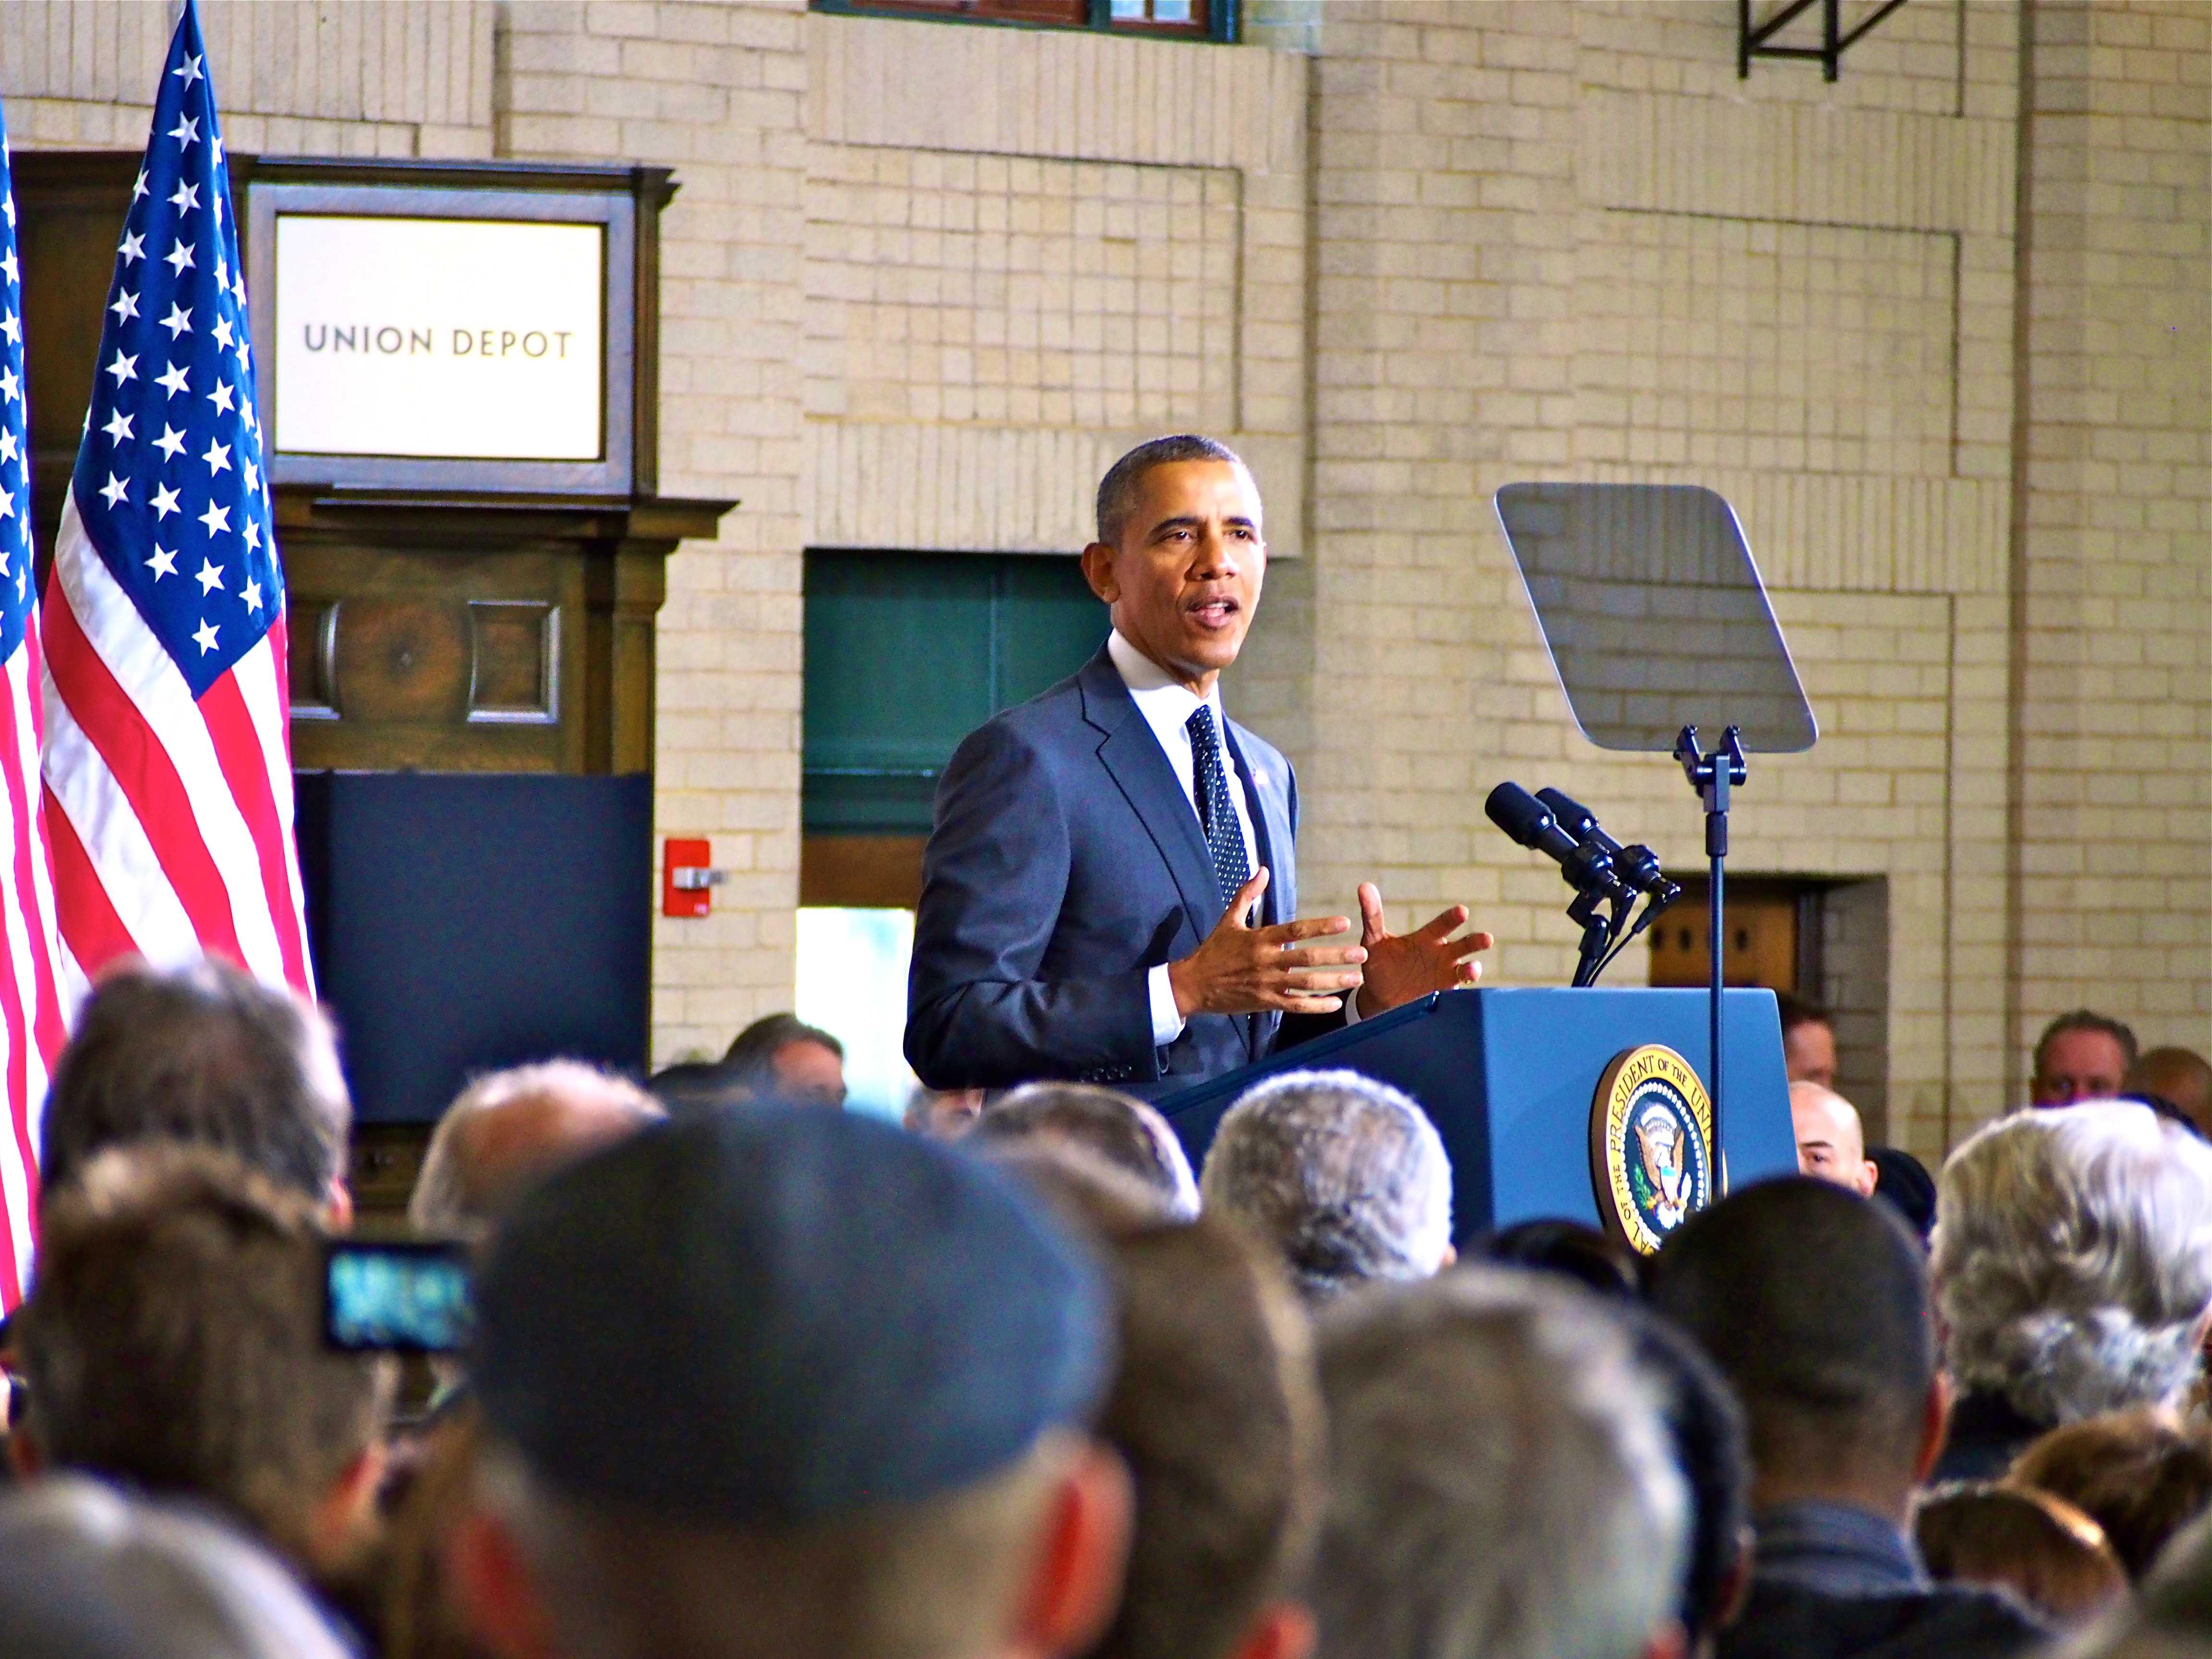 Barack Obama speaks at Union Depot, discusses transportation